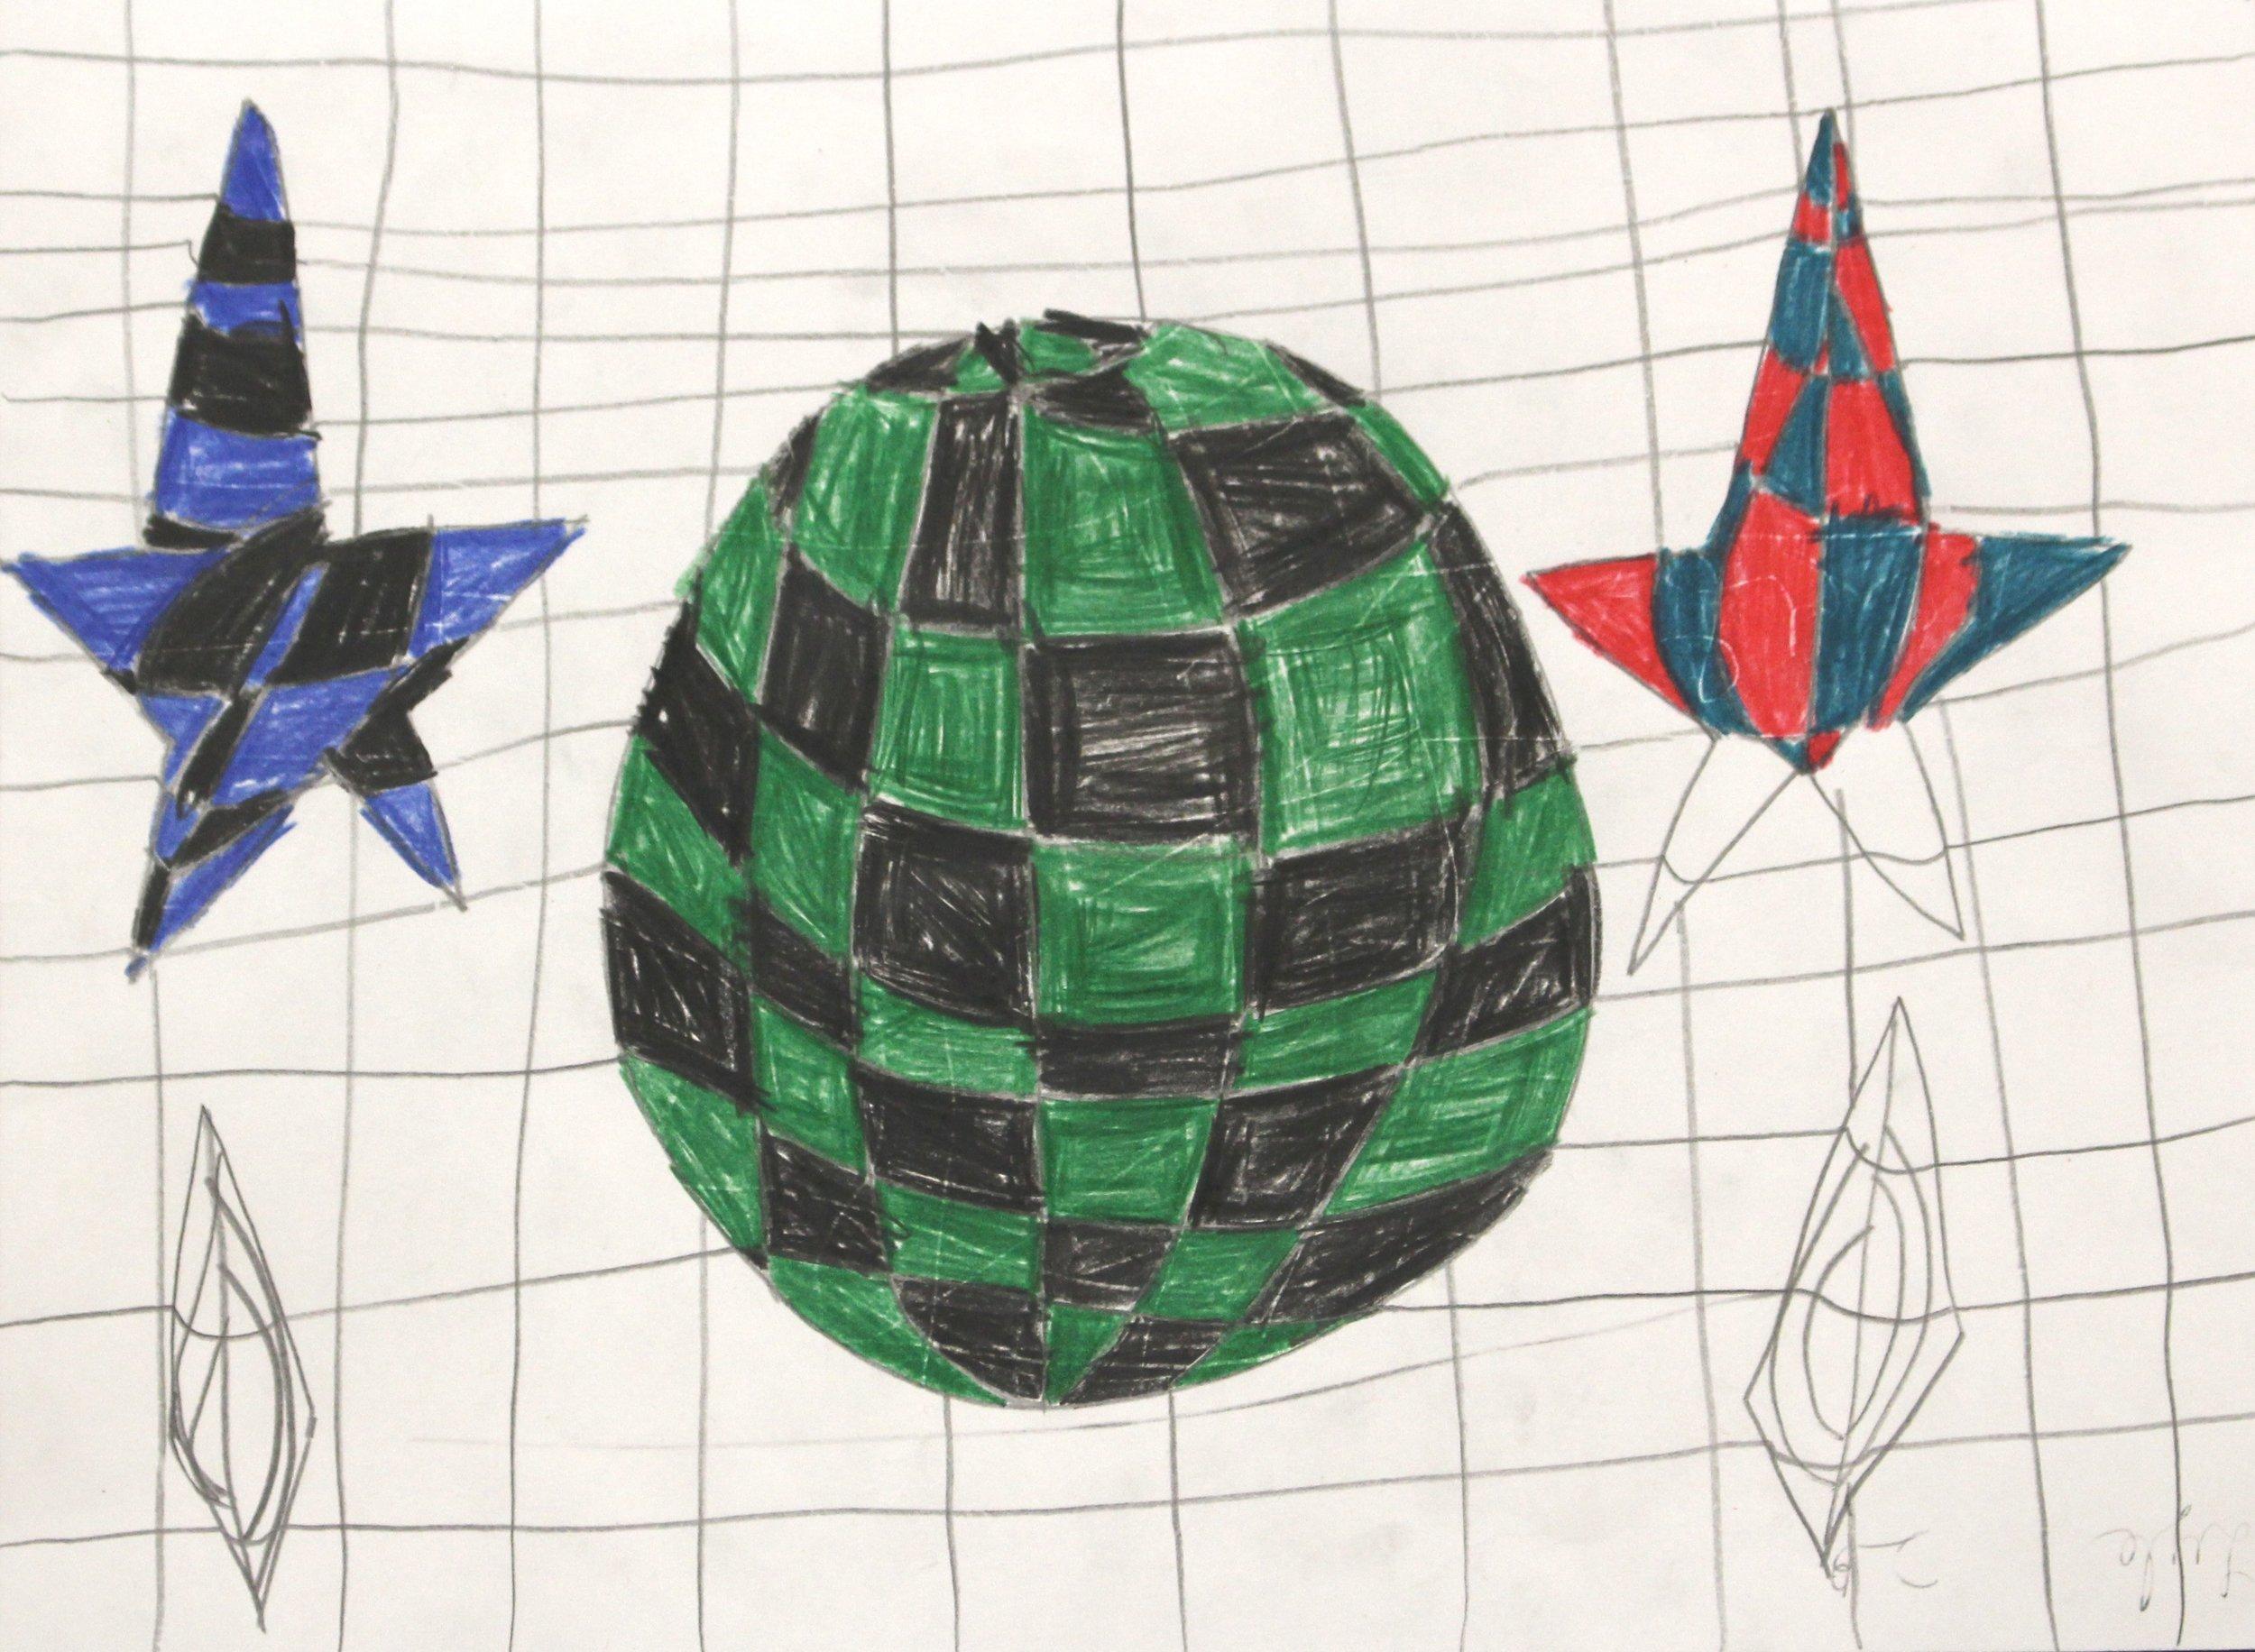 Second Grade: Lyle Harrington (OP Art: Work in Progress)